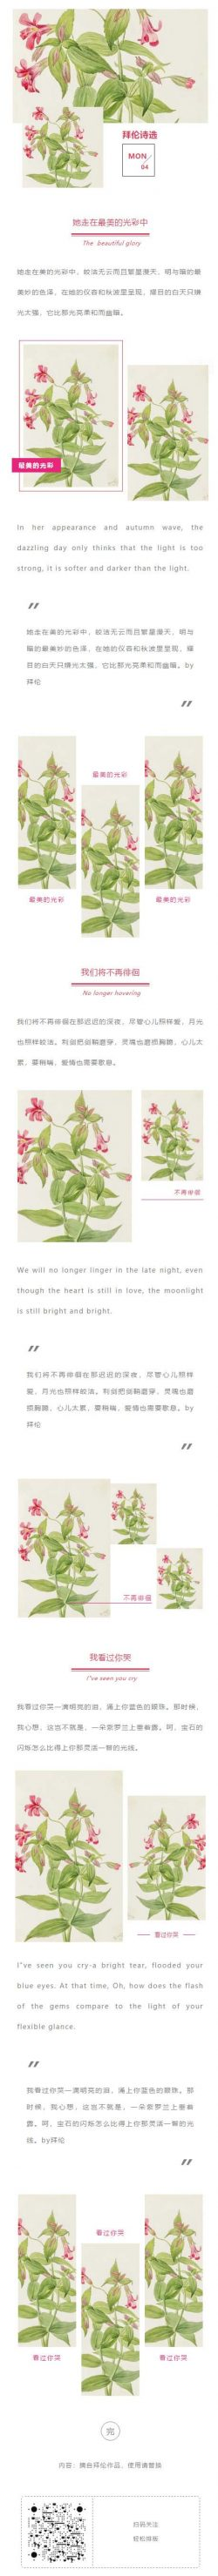 诗歌红绿风格微信模板英语英文散文公众号推送图文推广素材